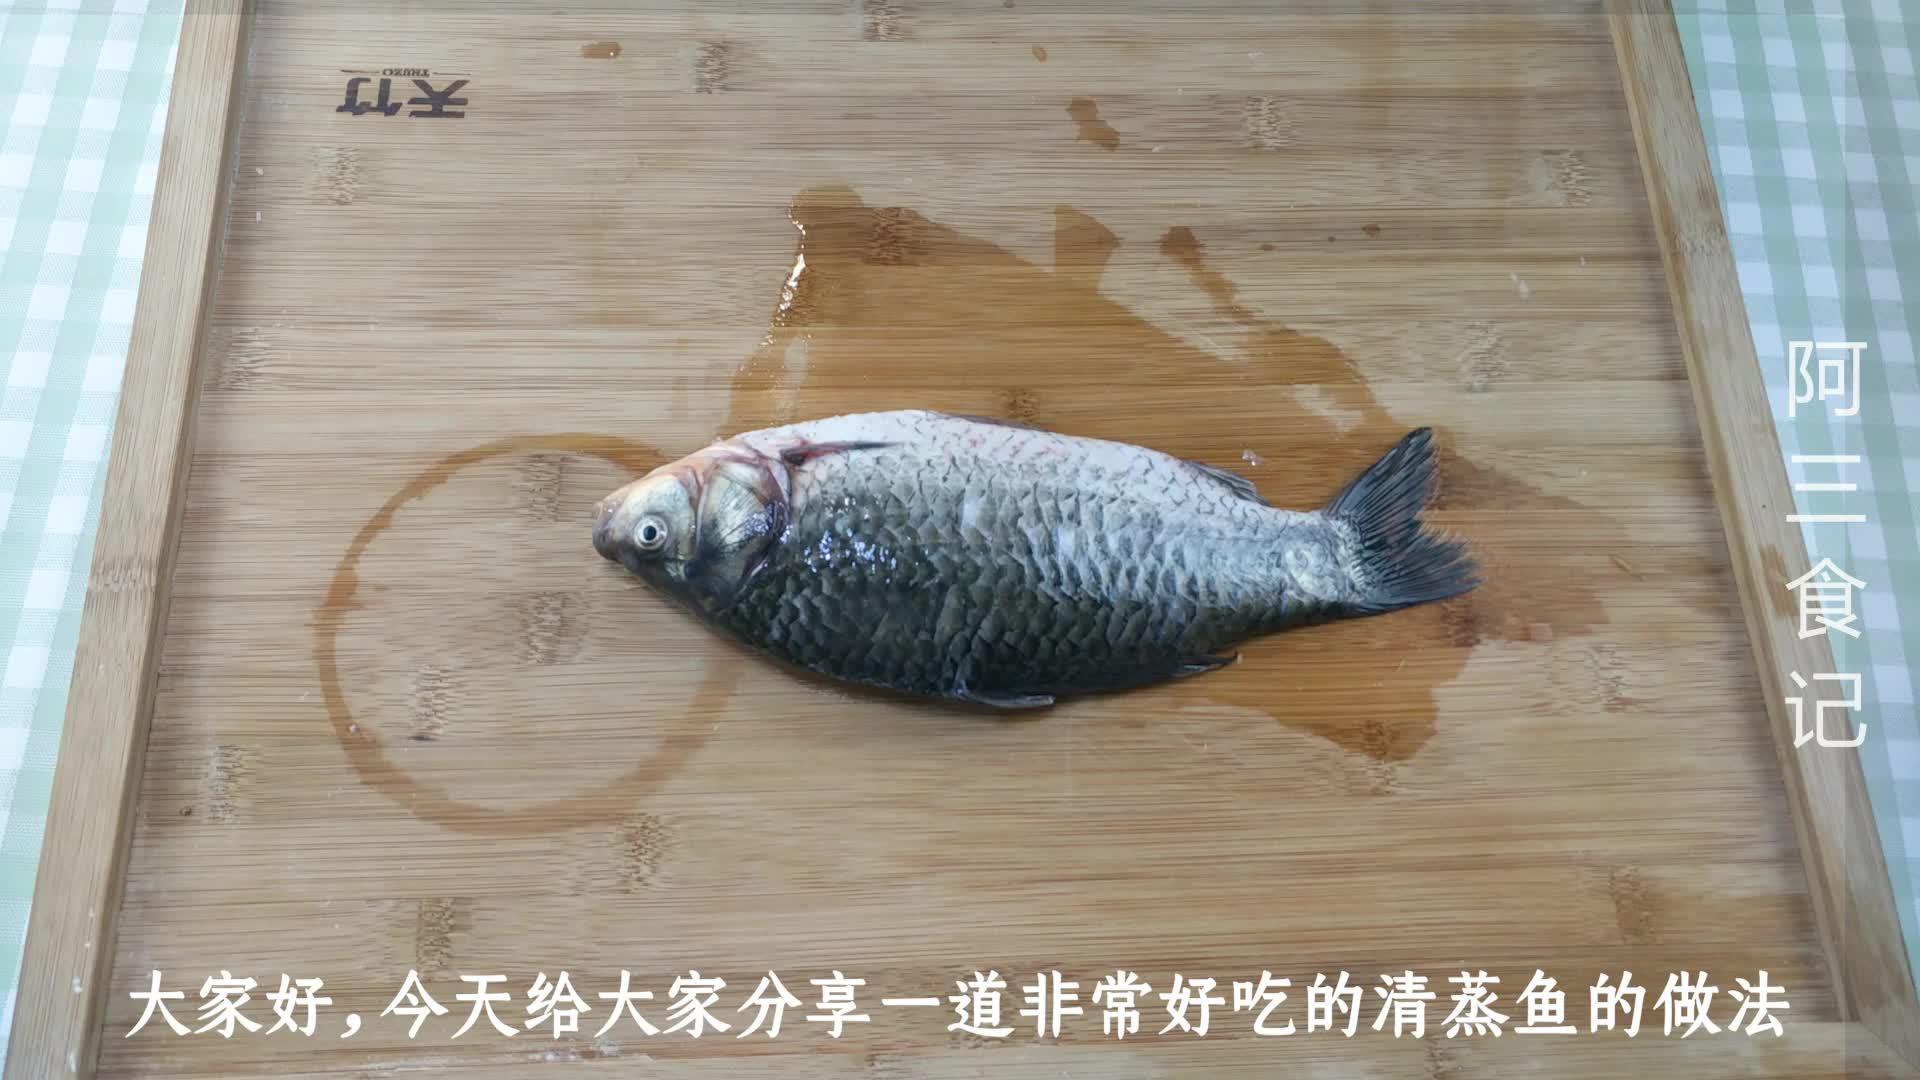 鱼肉好吃有窍门,掌握这个步骤,入味快,肉嫩鲜美,好吃有嚼劲